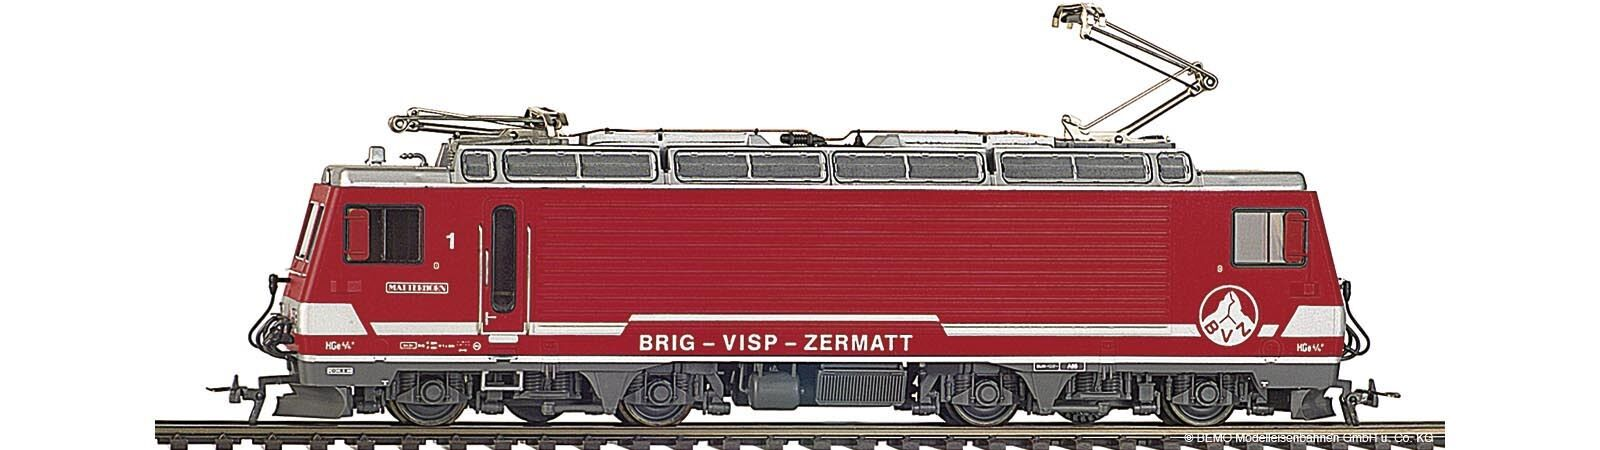 BEMO 1262 515 1262515 carreggiata stretta-INGRANAGGIO-e-Lok hge4 4ii 5 BVZ ep5 ROSSO h0m